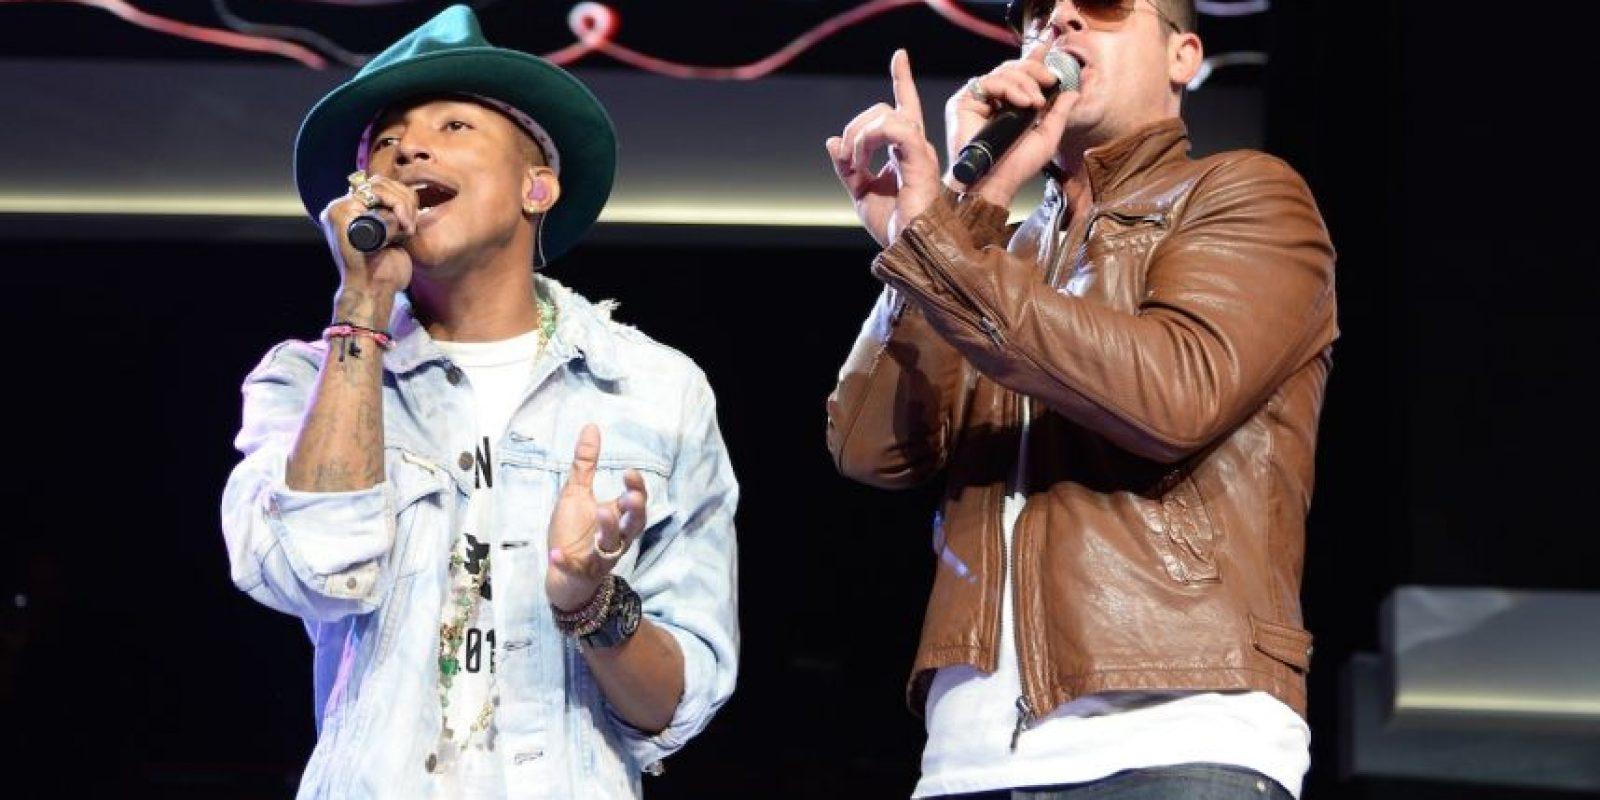 """Pharrell declaró que """"Blurred Lines"""" tenía un """"estilo a Gaye"""" y la música de la década de los 70 Foto:Getty images"""